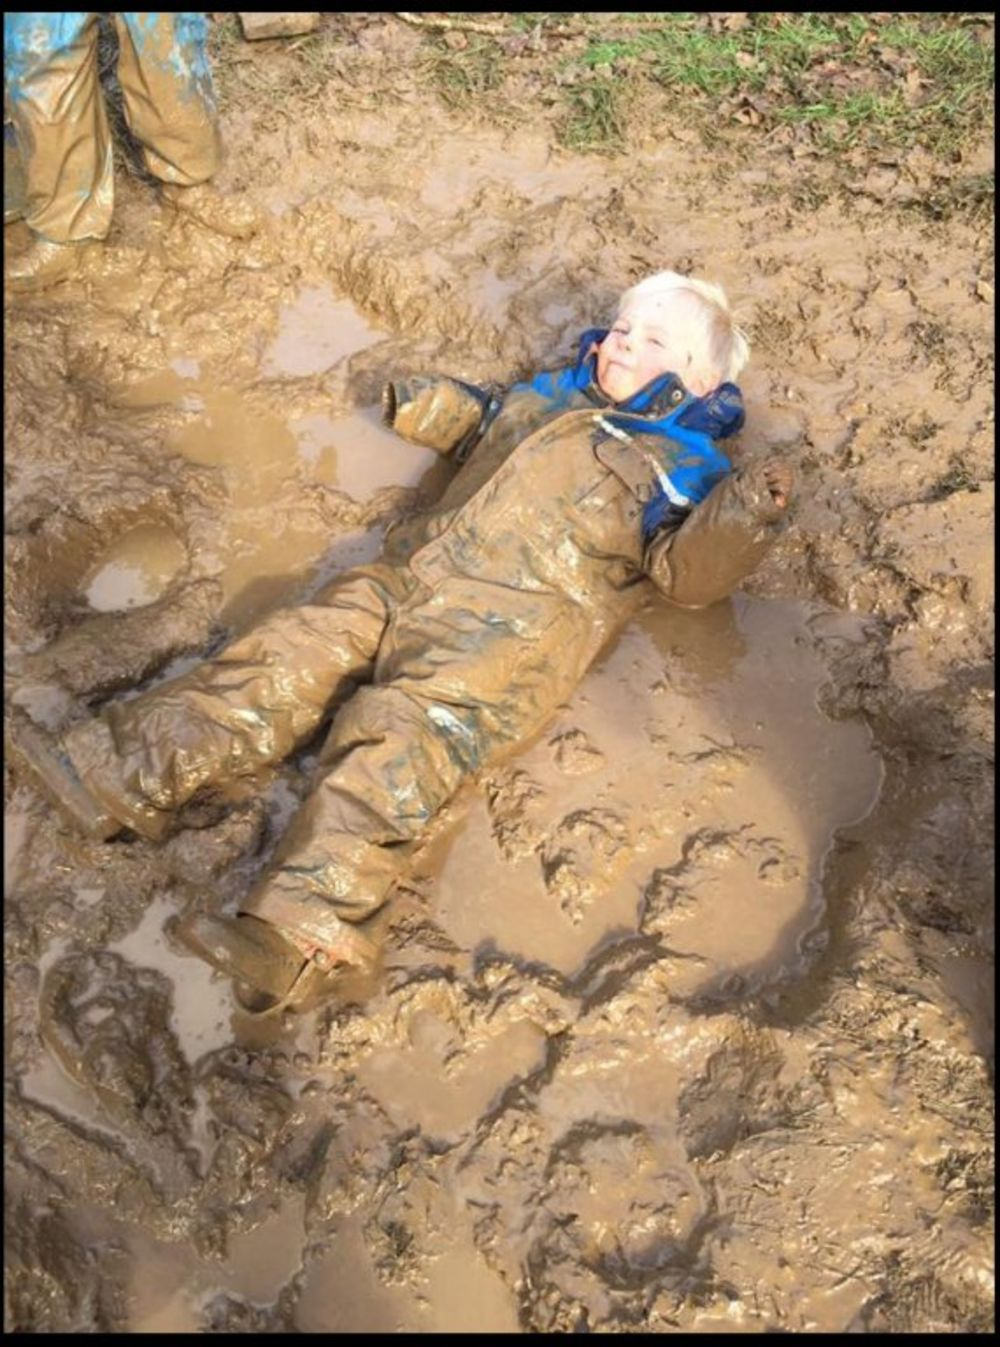 Valjanje u blatu je omiljena aktivnost mališana i nikom im to ne brani. Foto: Profimedia